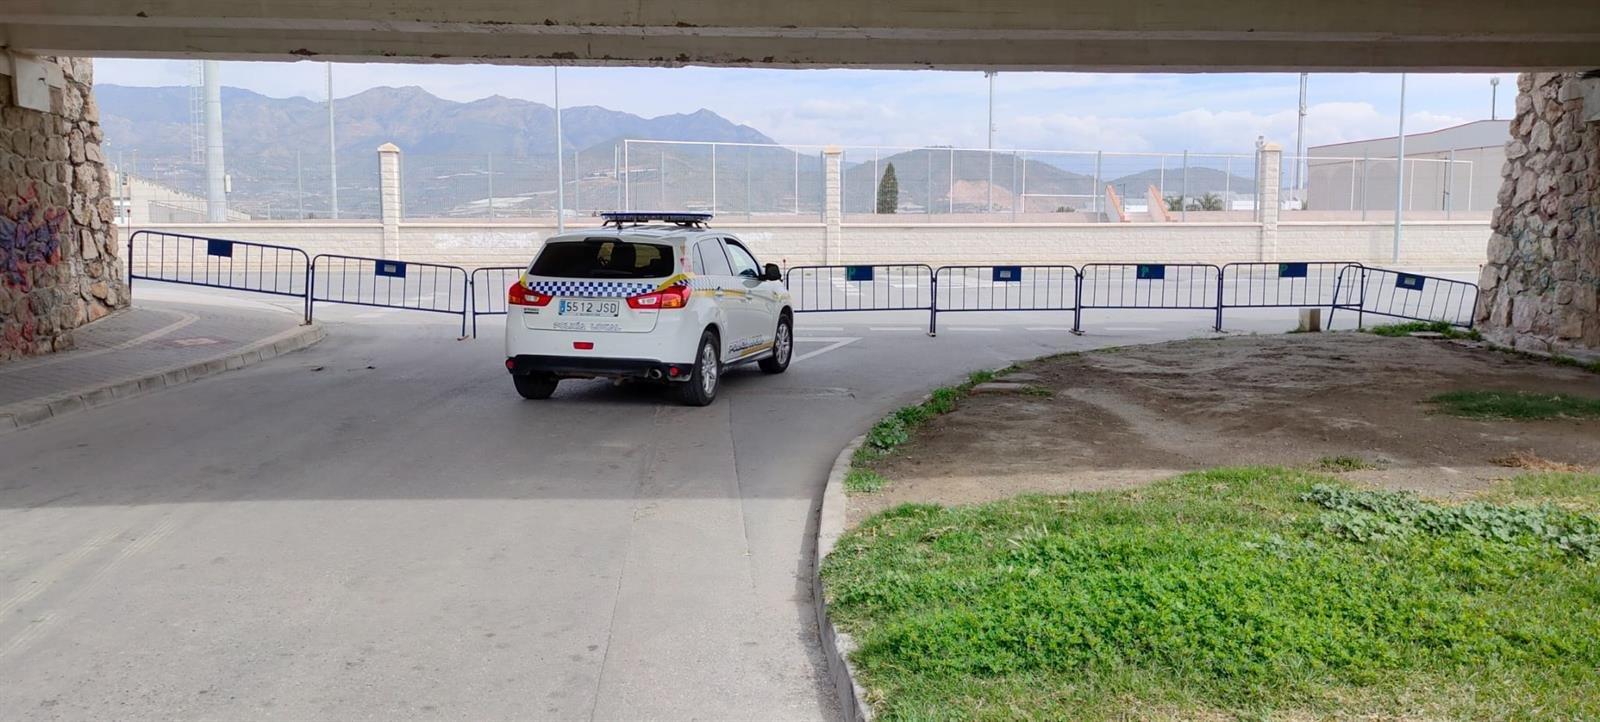 Salobreña cierra tres de sus accesos para mejora el control de la movilidad